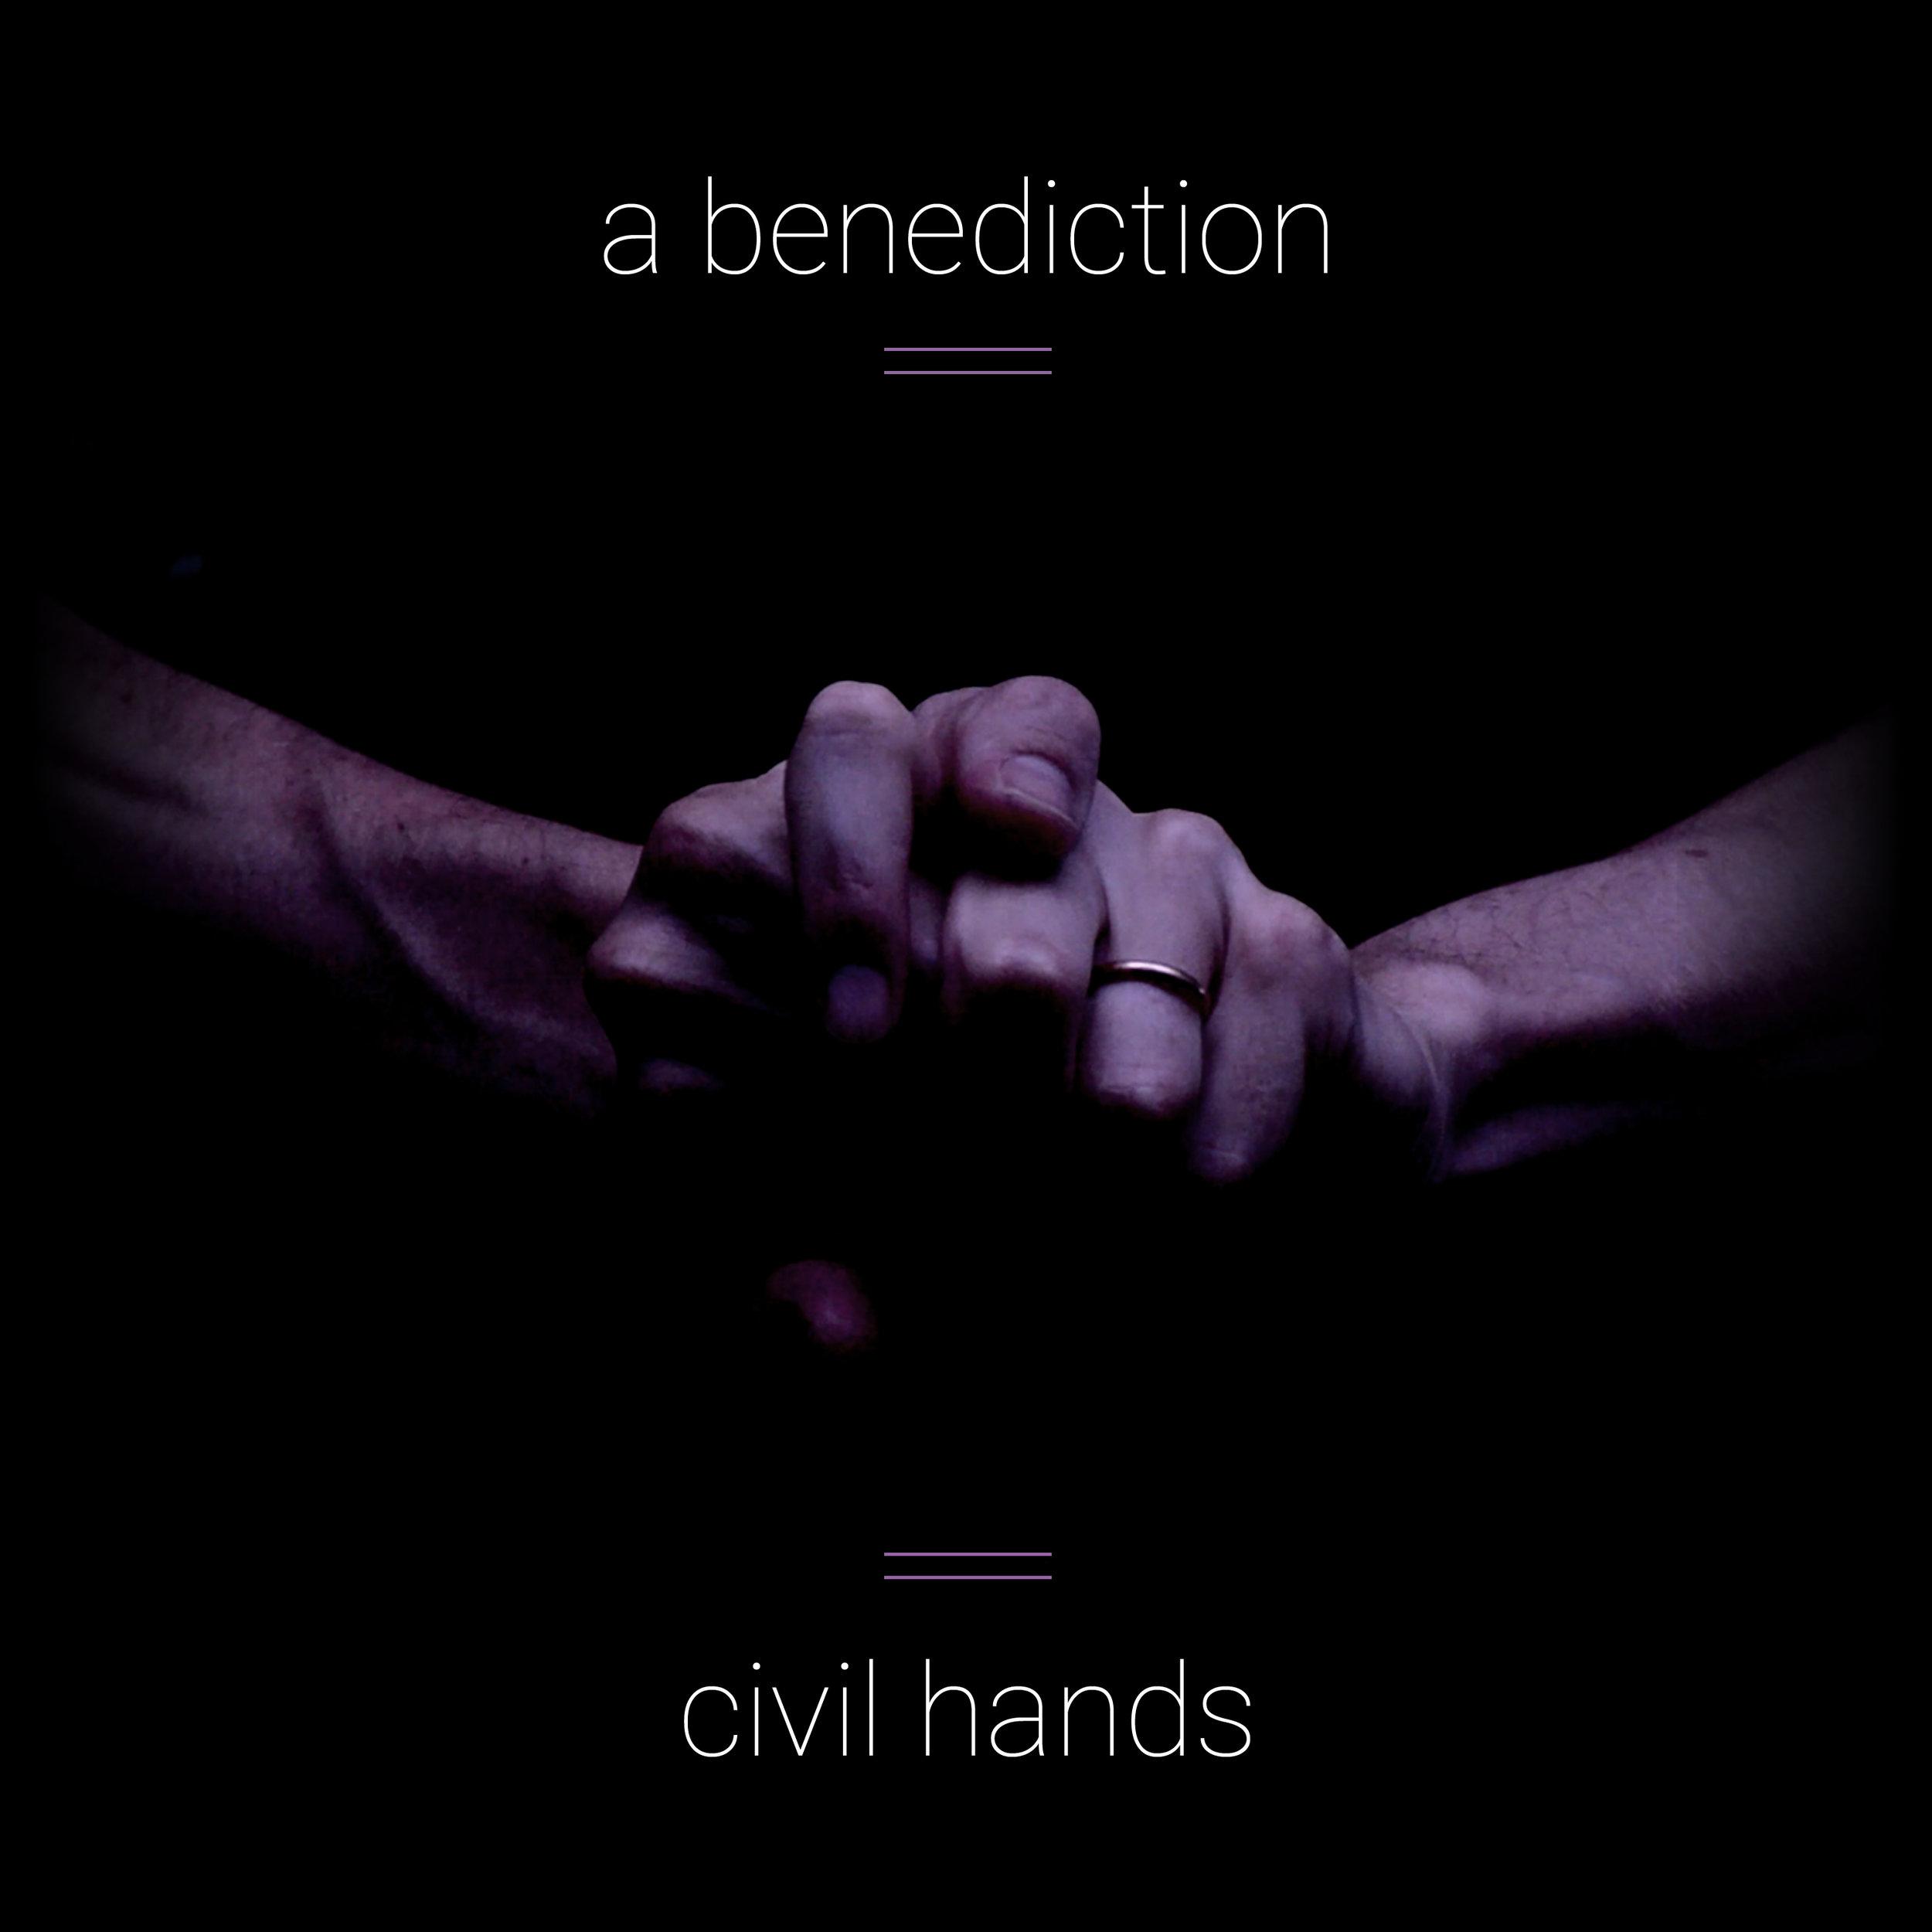 Benediction_Album_Cover.jpg